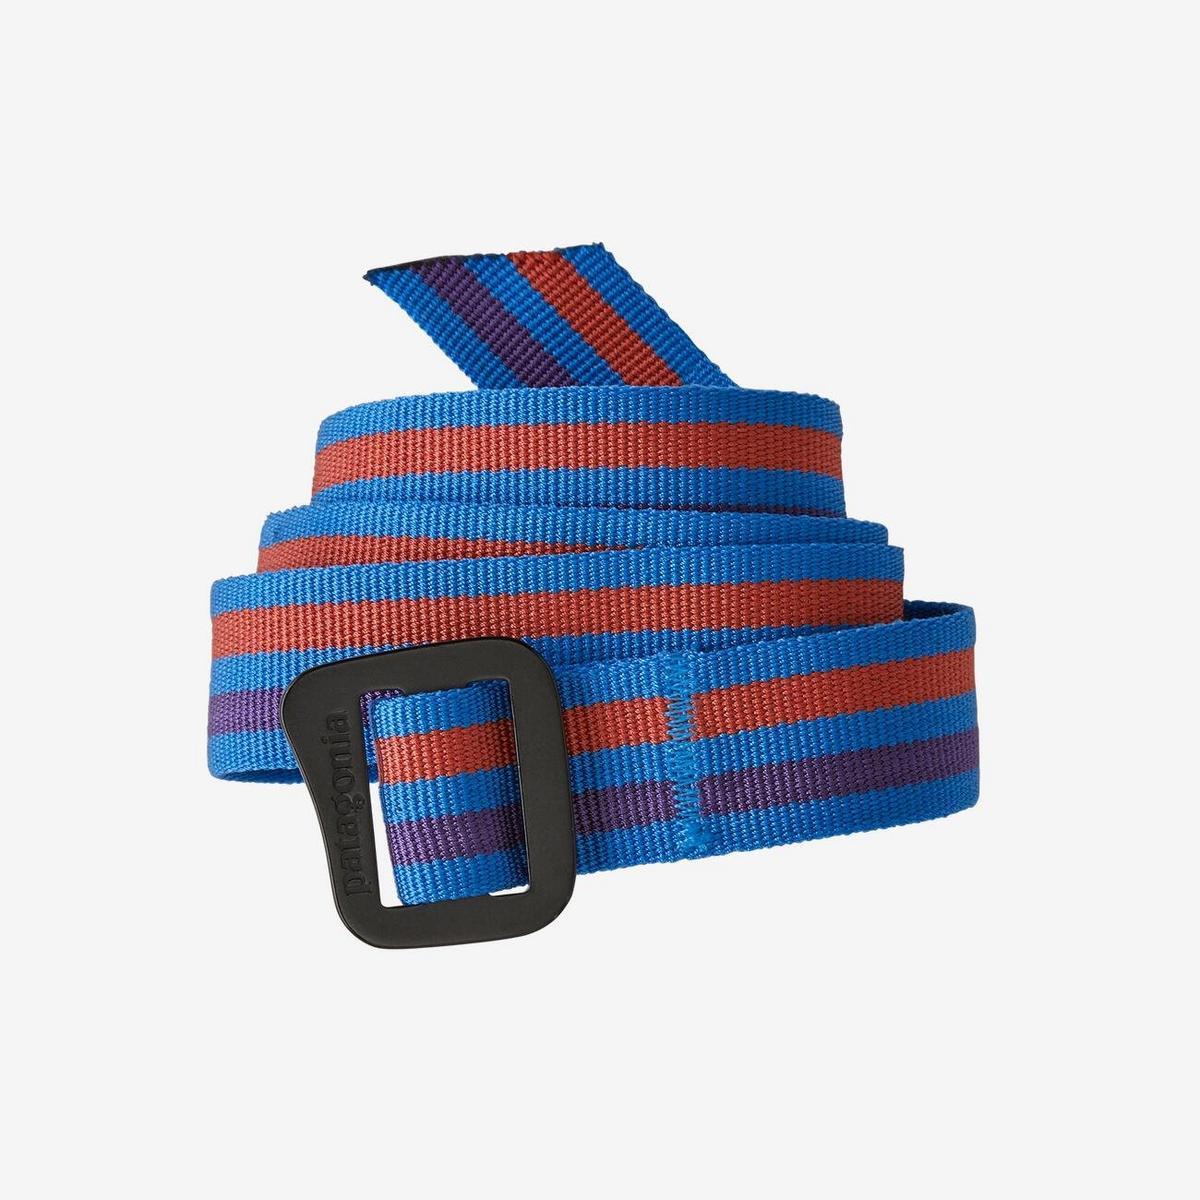 Patagonia Men's Patagonia Friction Belt - Grey